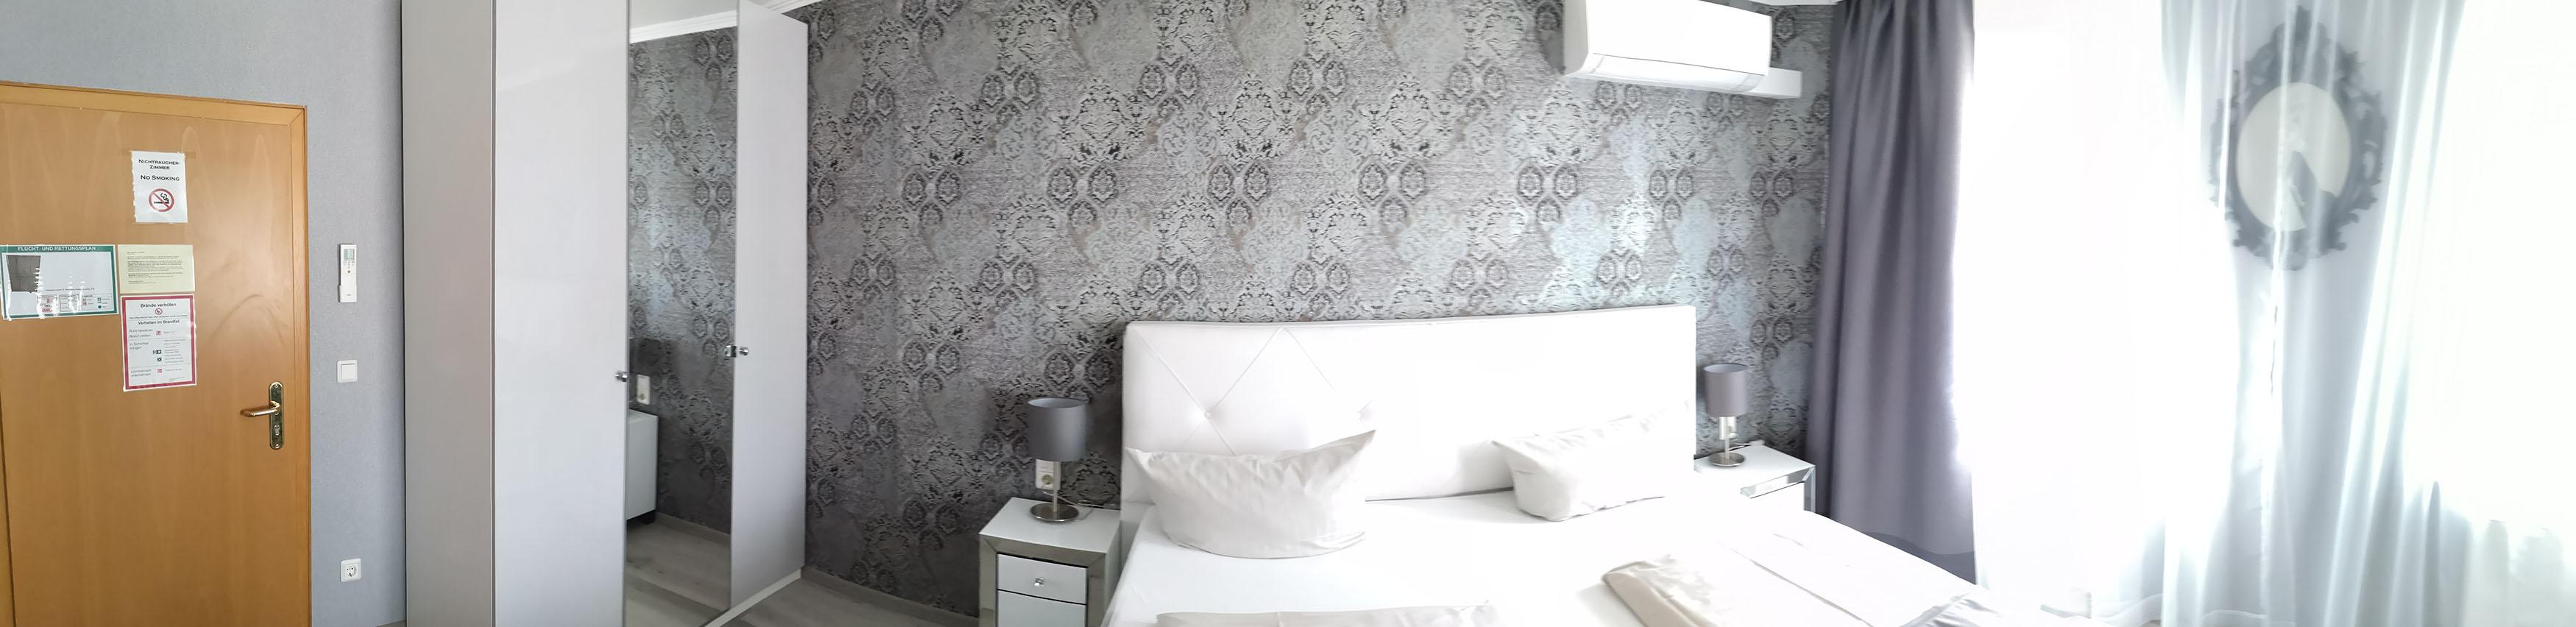 Hotel Löhr, Comfort Zimmer